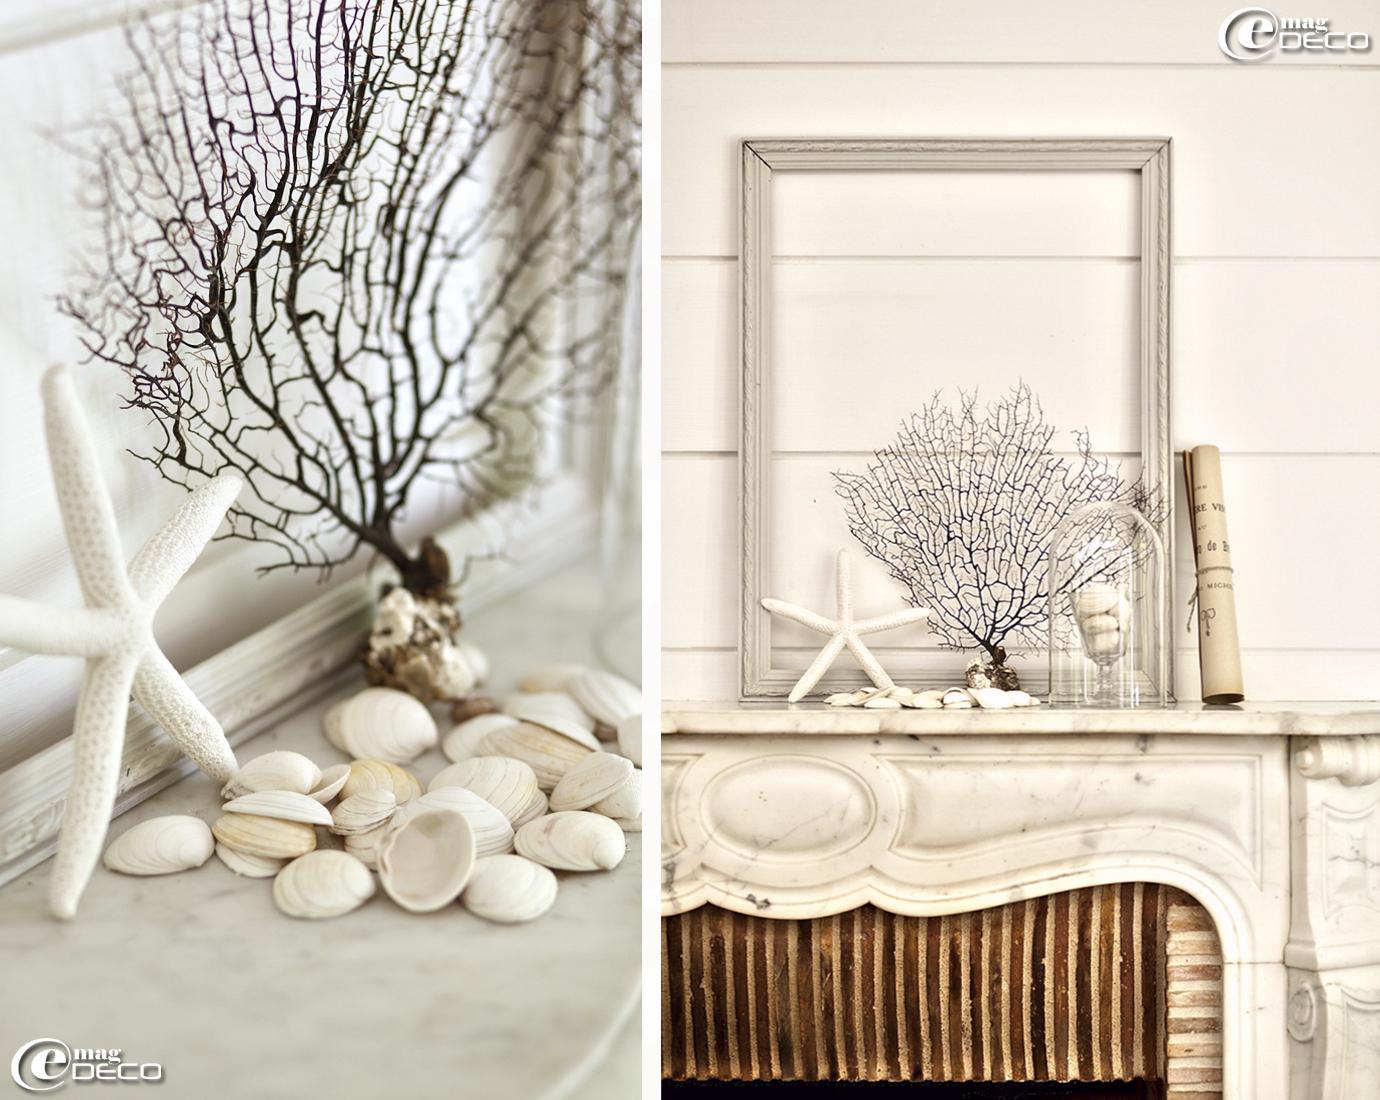 Posée sur la cheminée en marbre blanc, une composition marine, Thé et graminées, photo David Morganti